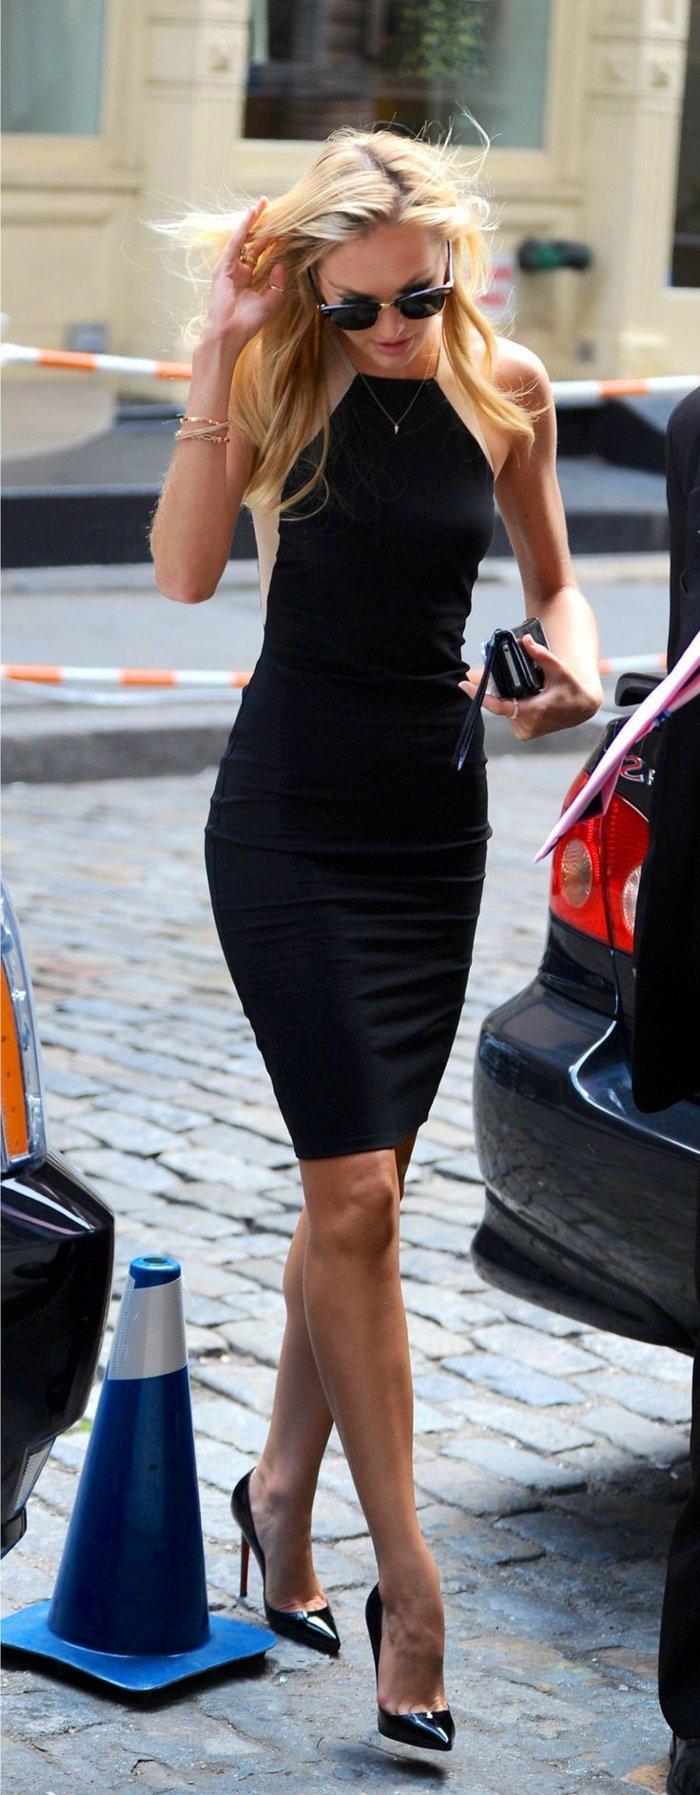 damenkleider-elegant-klassisches-schwarzes-kleid